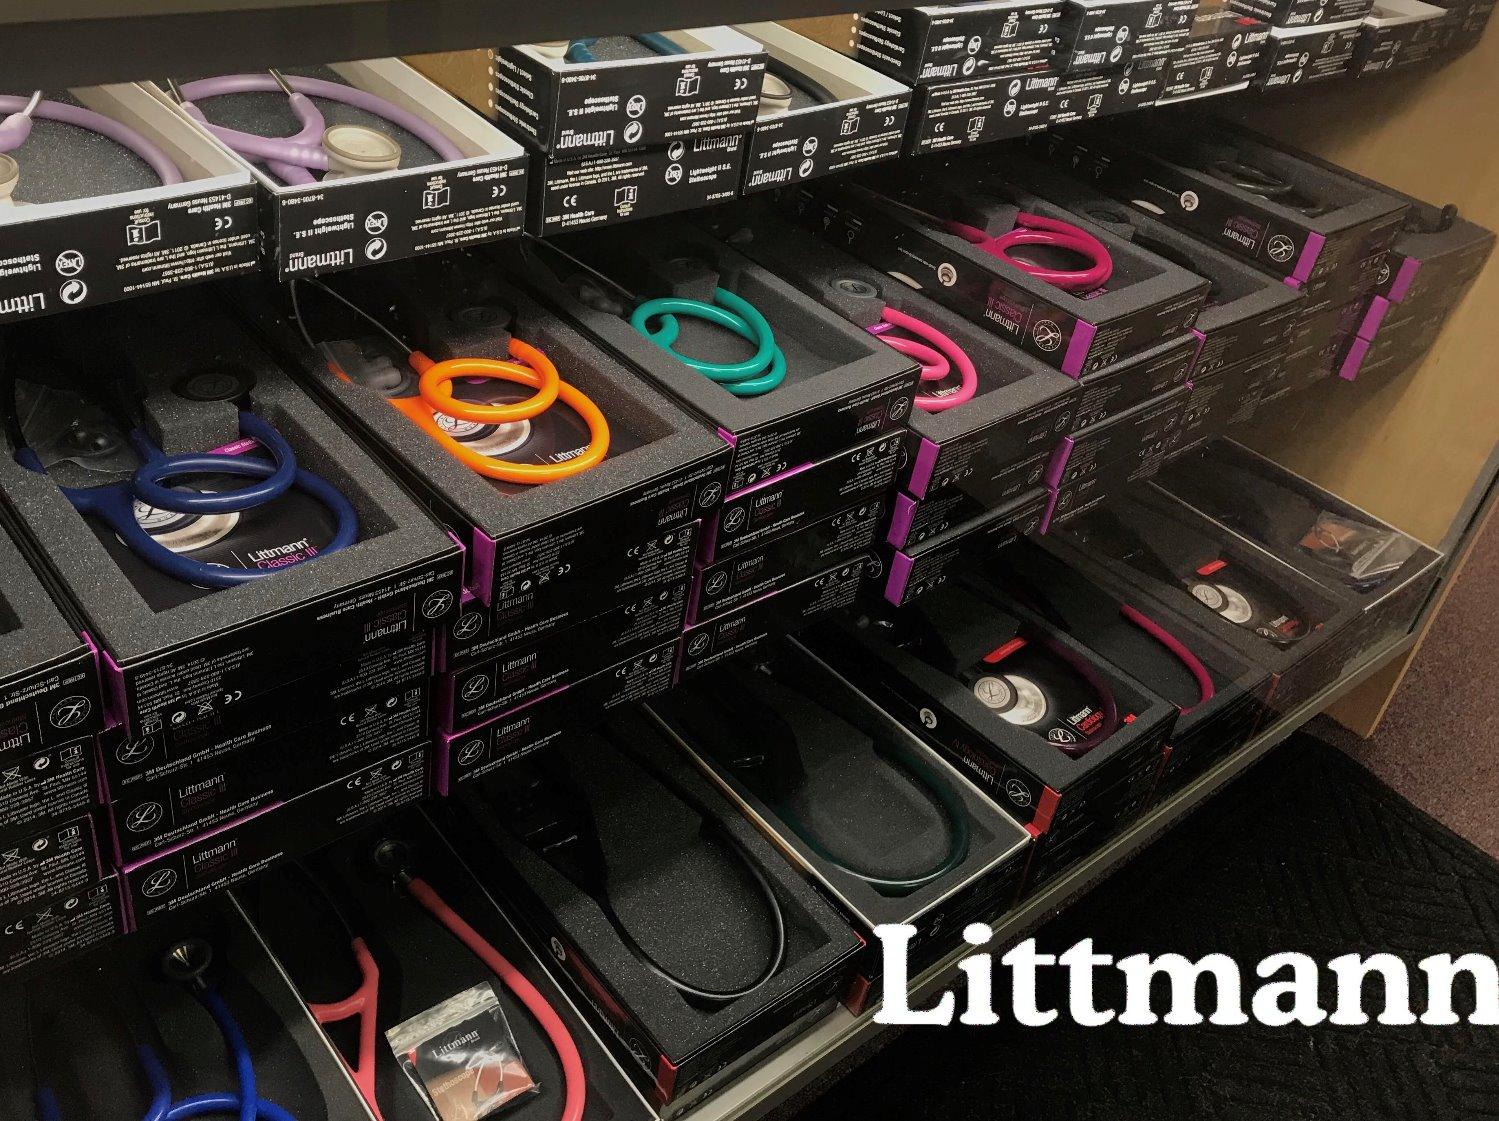 littmannn_edited